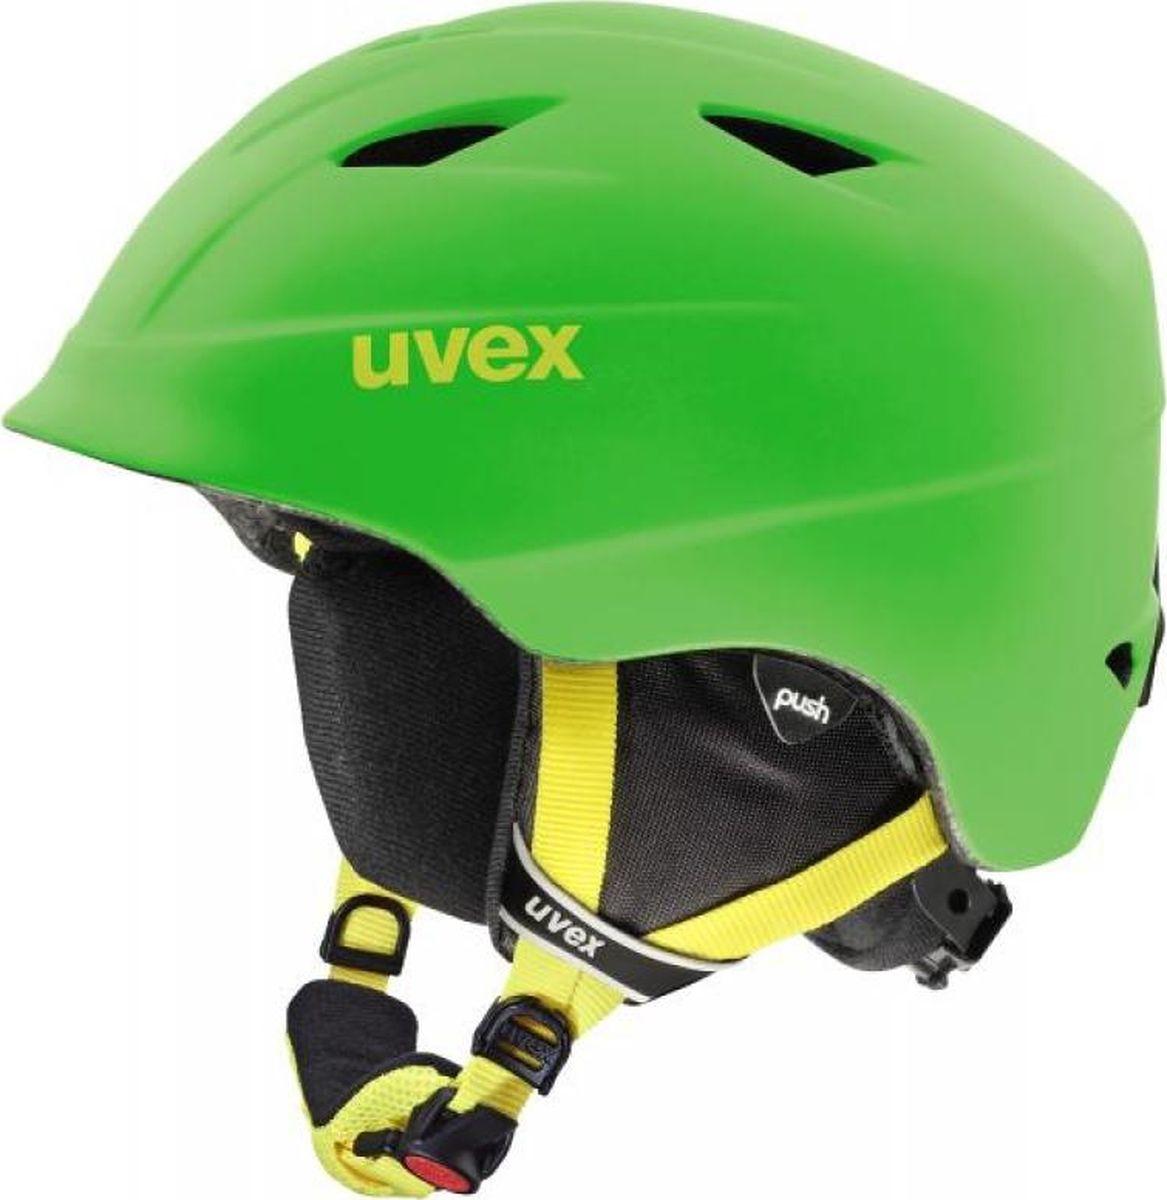 Шлем горнолыжный детский Uvex Airwing 2, цвет: зеленый матовый. Размер XXXS/XXSA9085_83Детский шлем Uvex Airwing 2 обеспечит юному лыжнику максимальный комфорт на склоне.В модели предусмотрены система вентиляции, съемная защита ушей и фиксатор стрэпа маски. Система индивидуальной подгонки размера IAS и застежка Monomatic позволят надежно закрепить шлем на голове.Подкладка выполнена из гипоаллергенного материала. Как выбрать горные лыжи для ребёнка. Статья OZON Гид